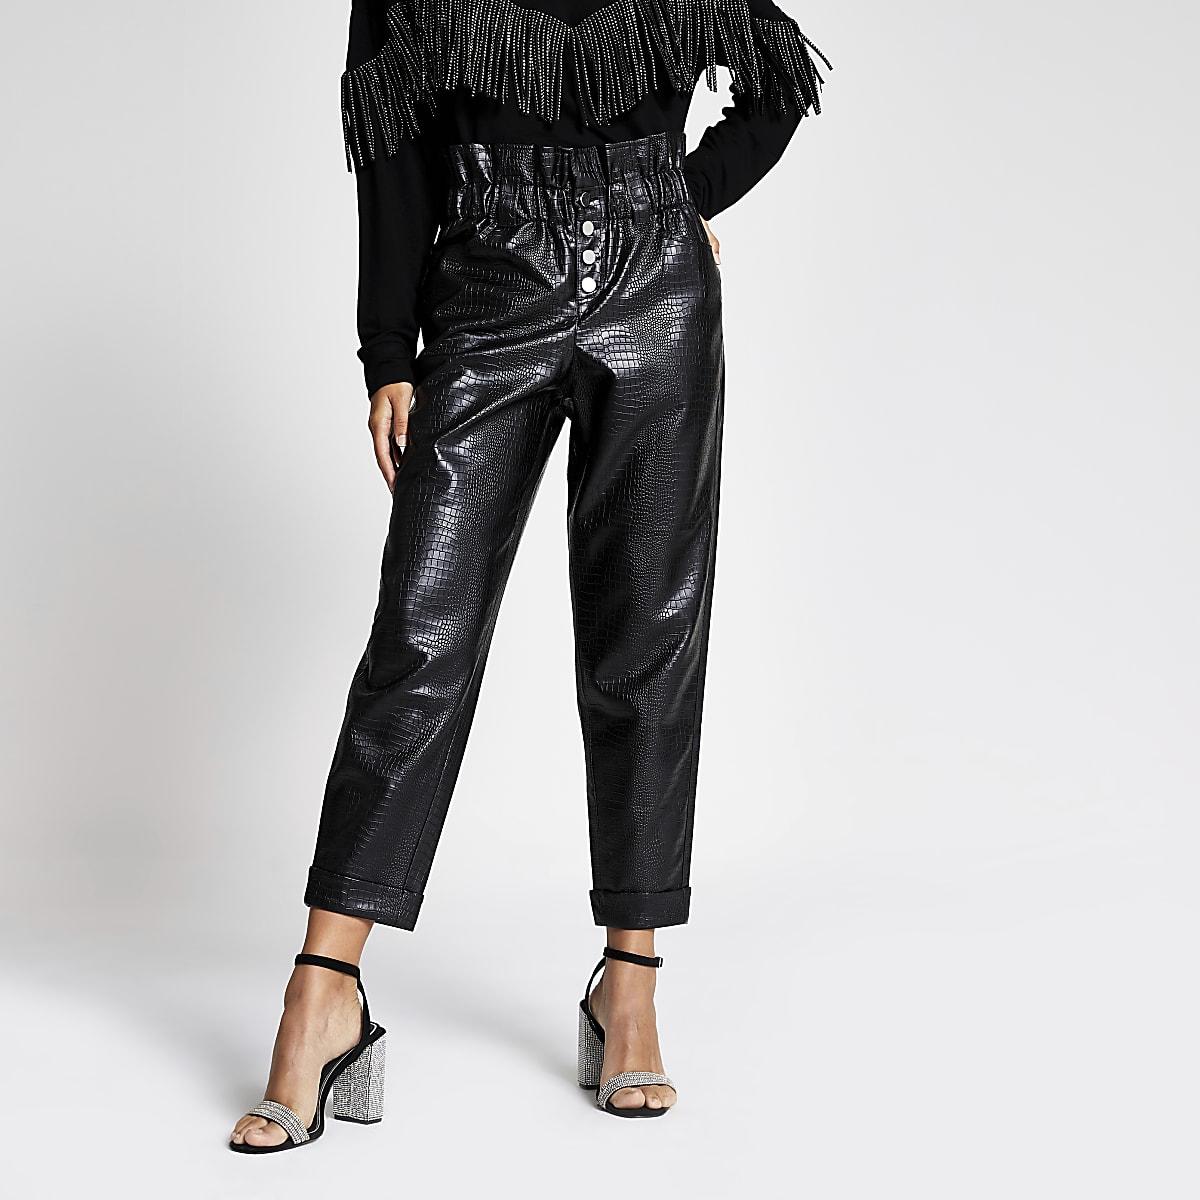 Pantalons carotte en imitation cuir croco noir